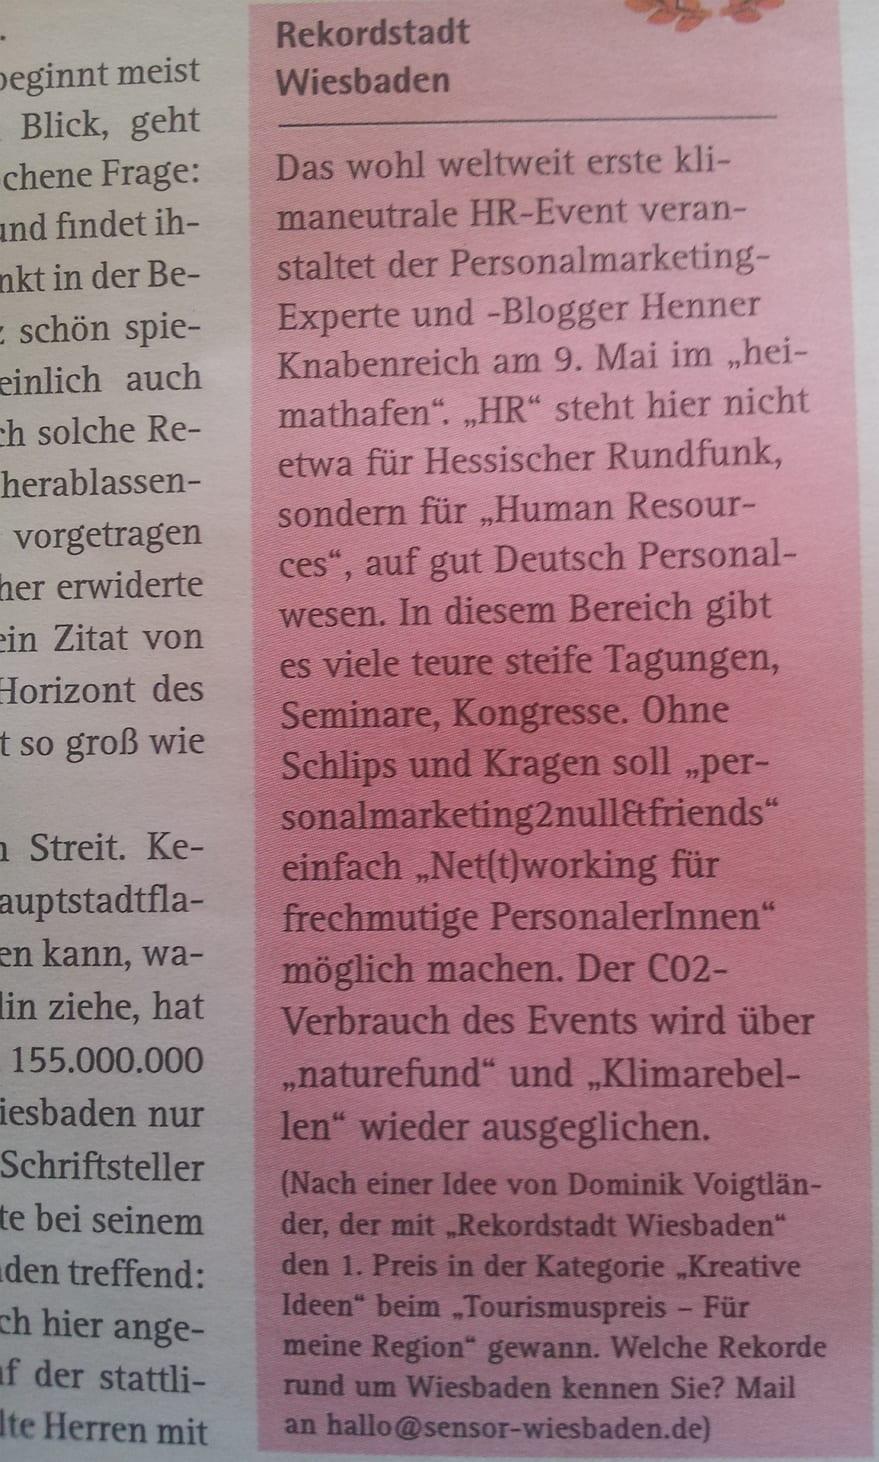 HR Barcamp 2014: Heißer Scheiß für Personaler und das total verrückte HR-Taxi 2 weltweit erste klimaneutrale HR Event in Wiesbaden